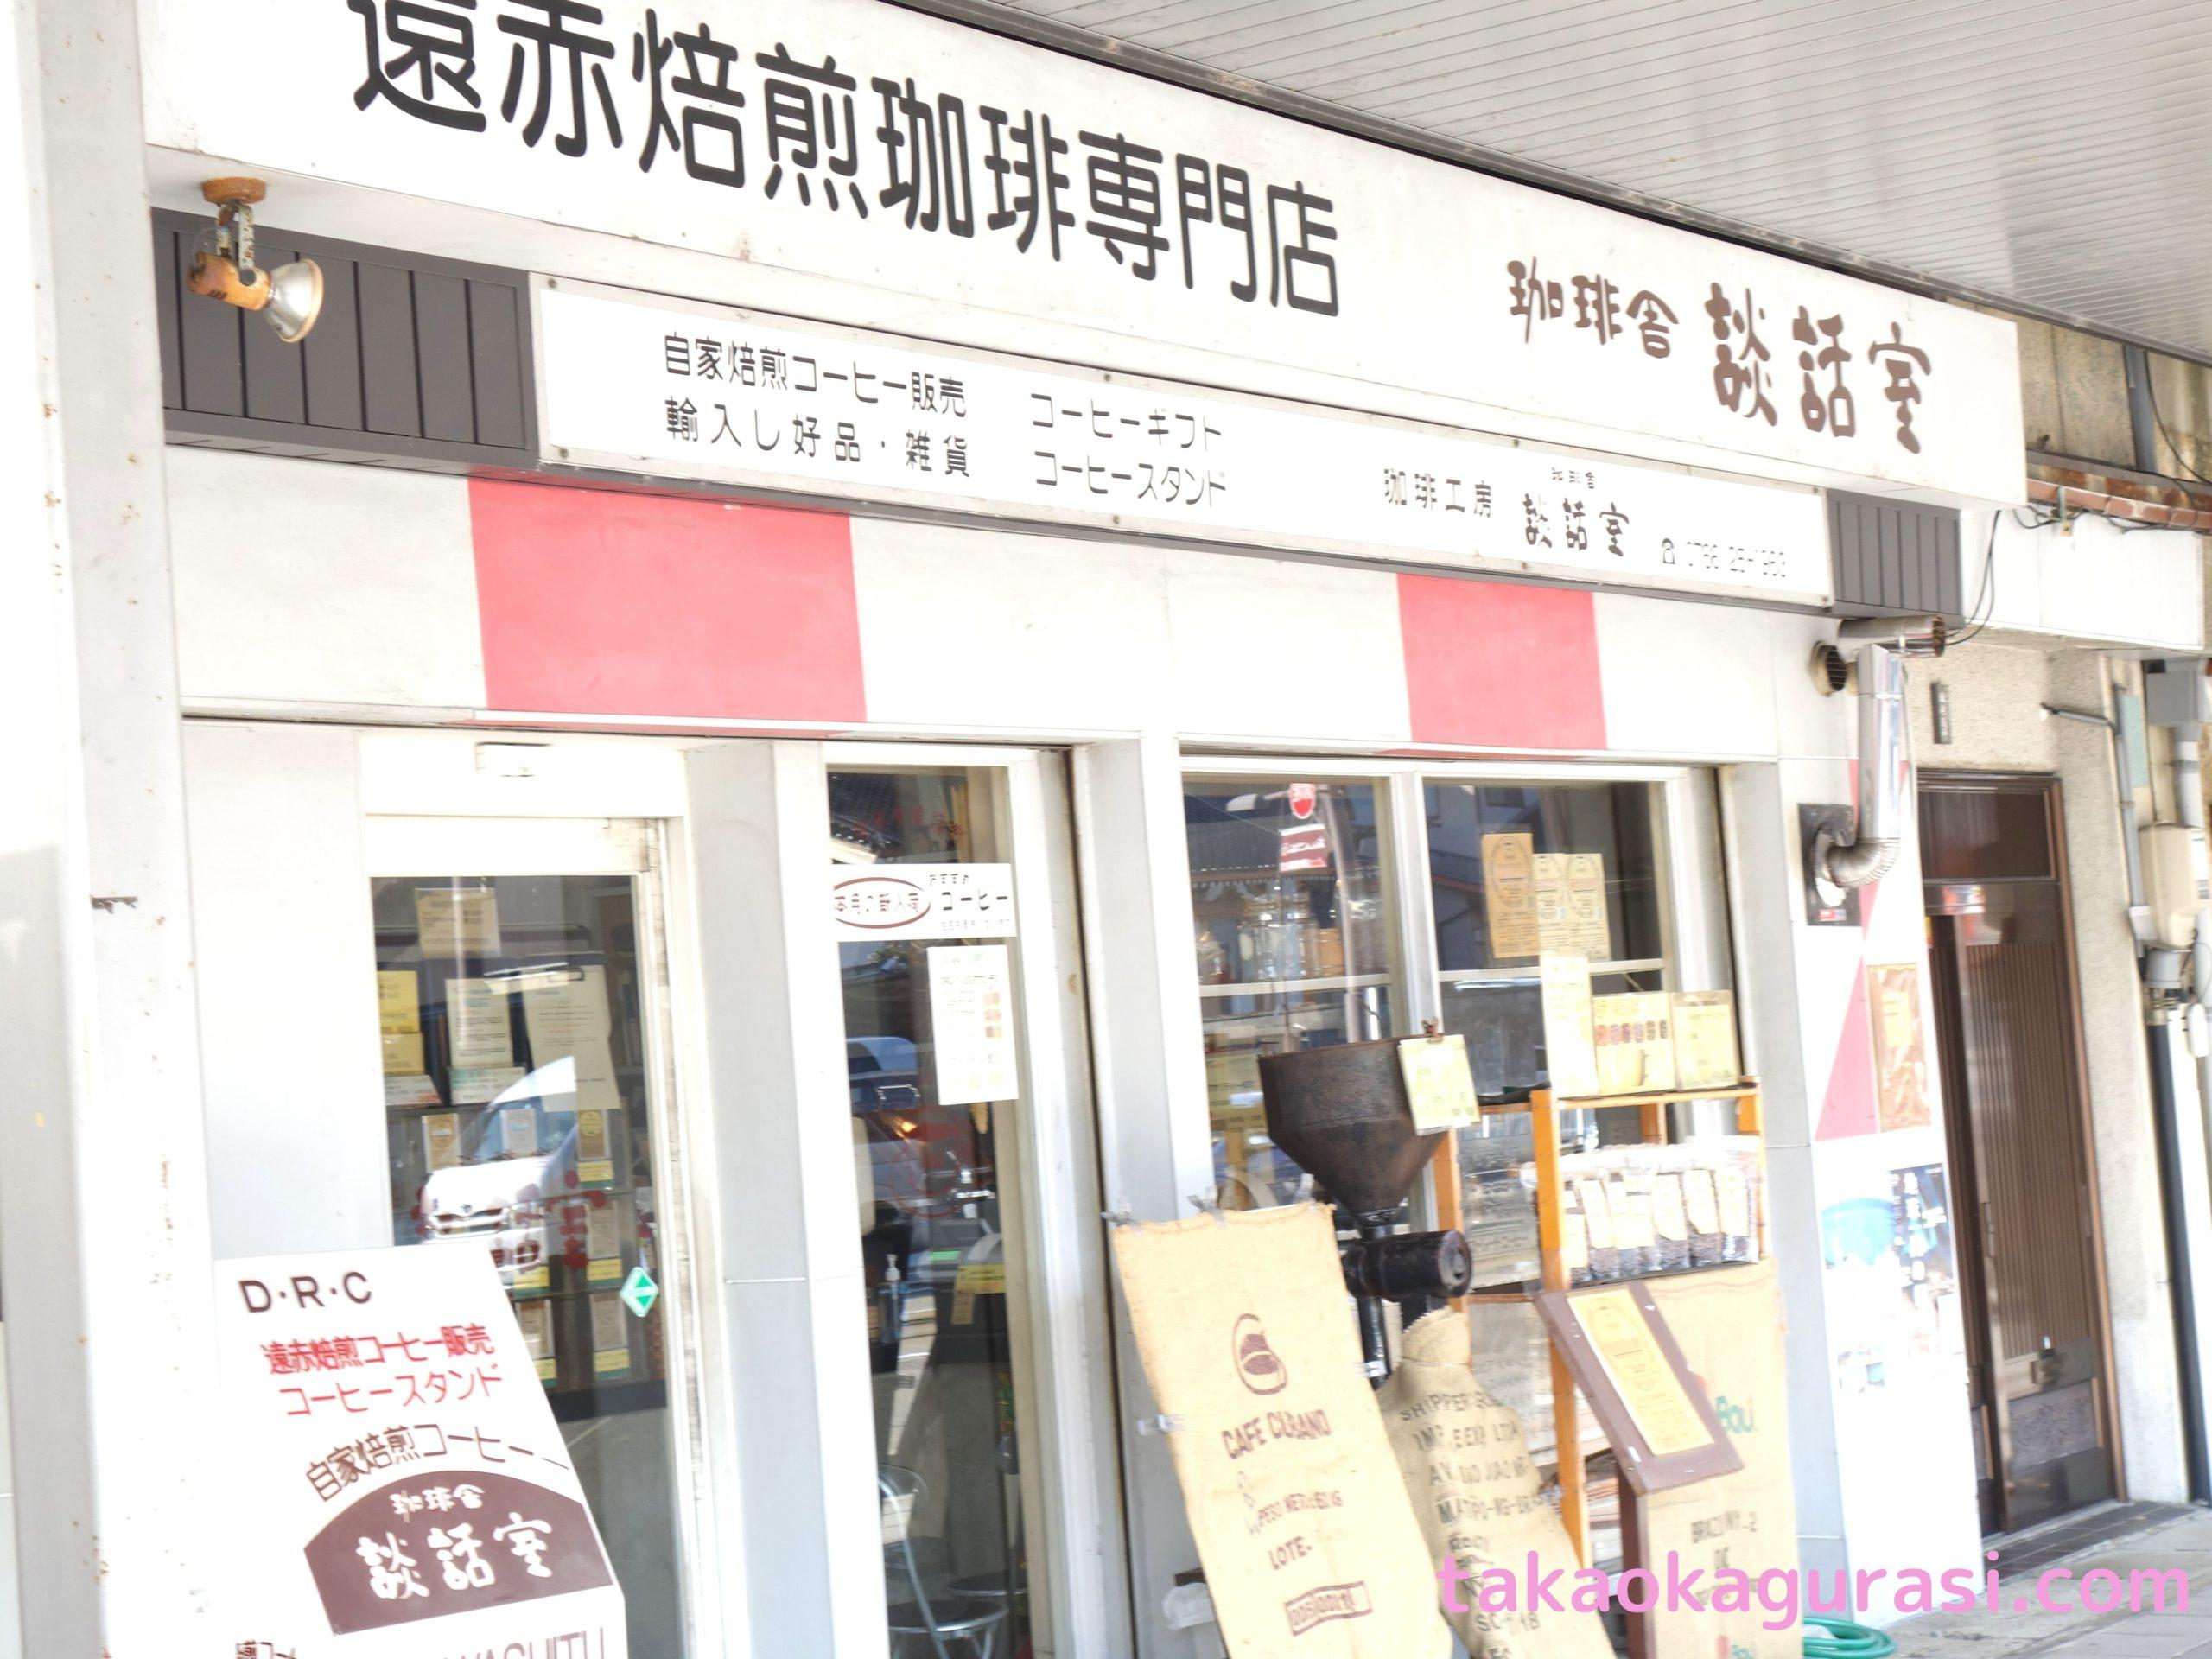 【 珈琲舎 談話室 】遠赤焙煎珈琲専門店